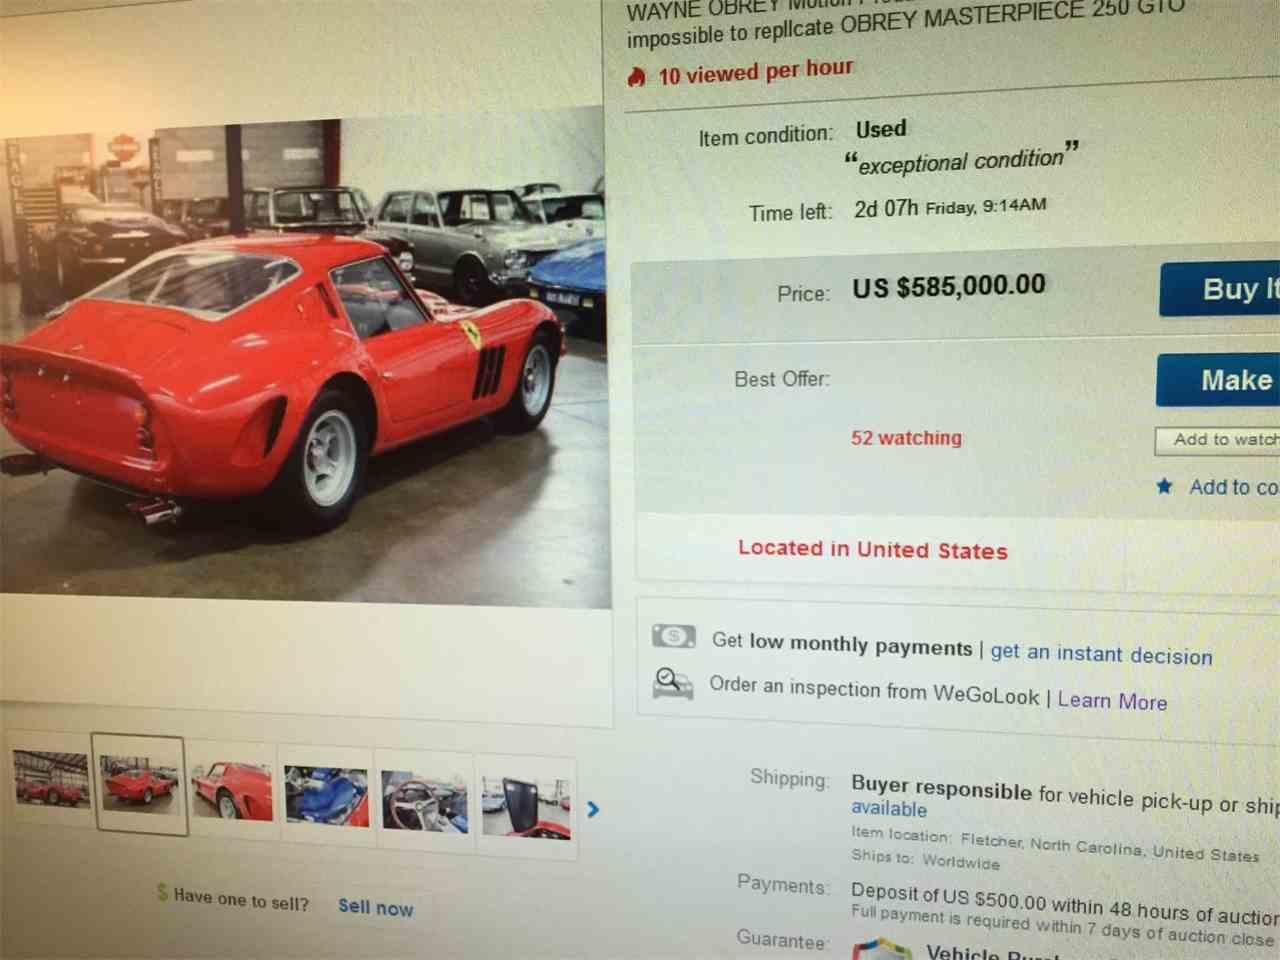 Large Picture of '74 250 GTO Replica Velorossa  - L6GW